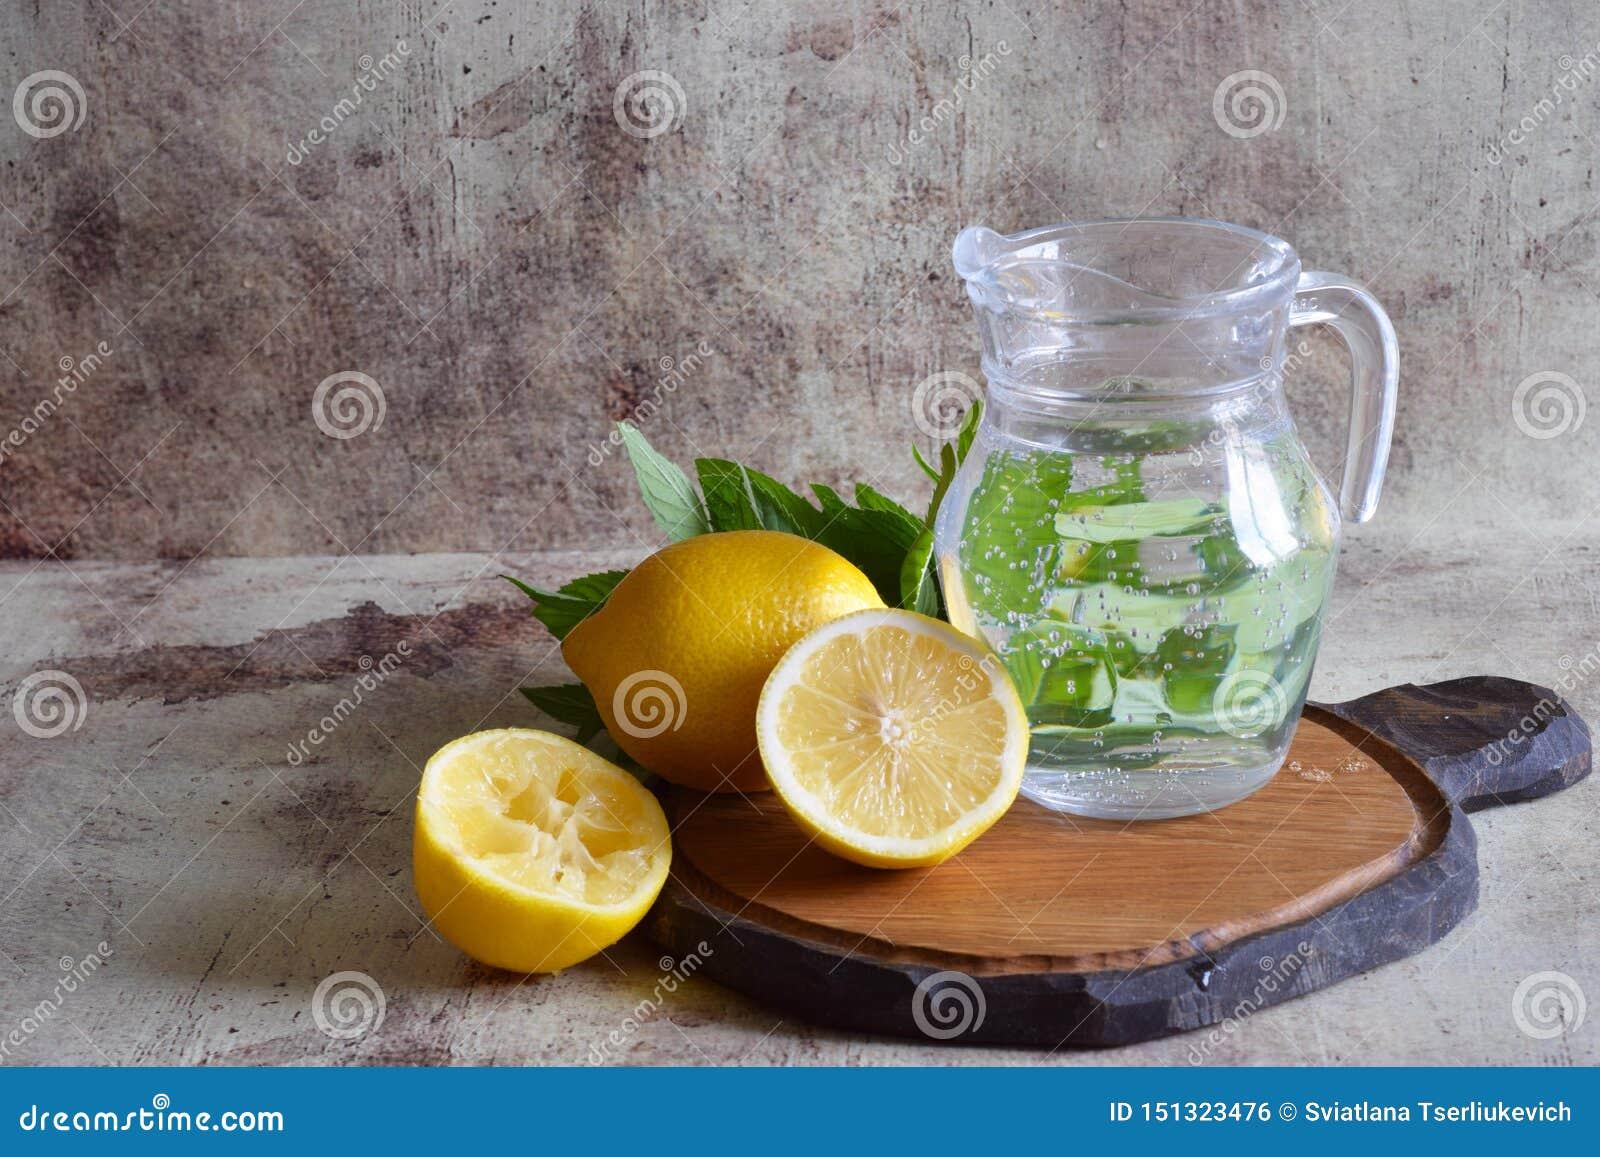 Limonada de refrescamento em um filtro bonito, limões, ramos perfumados da hortelã na tabela